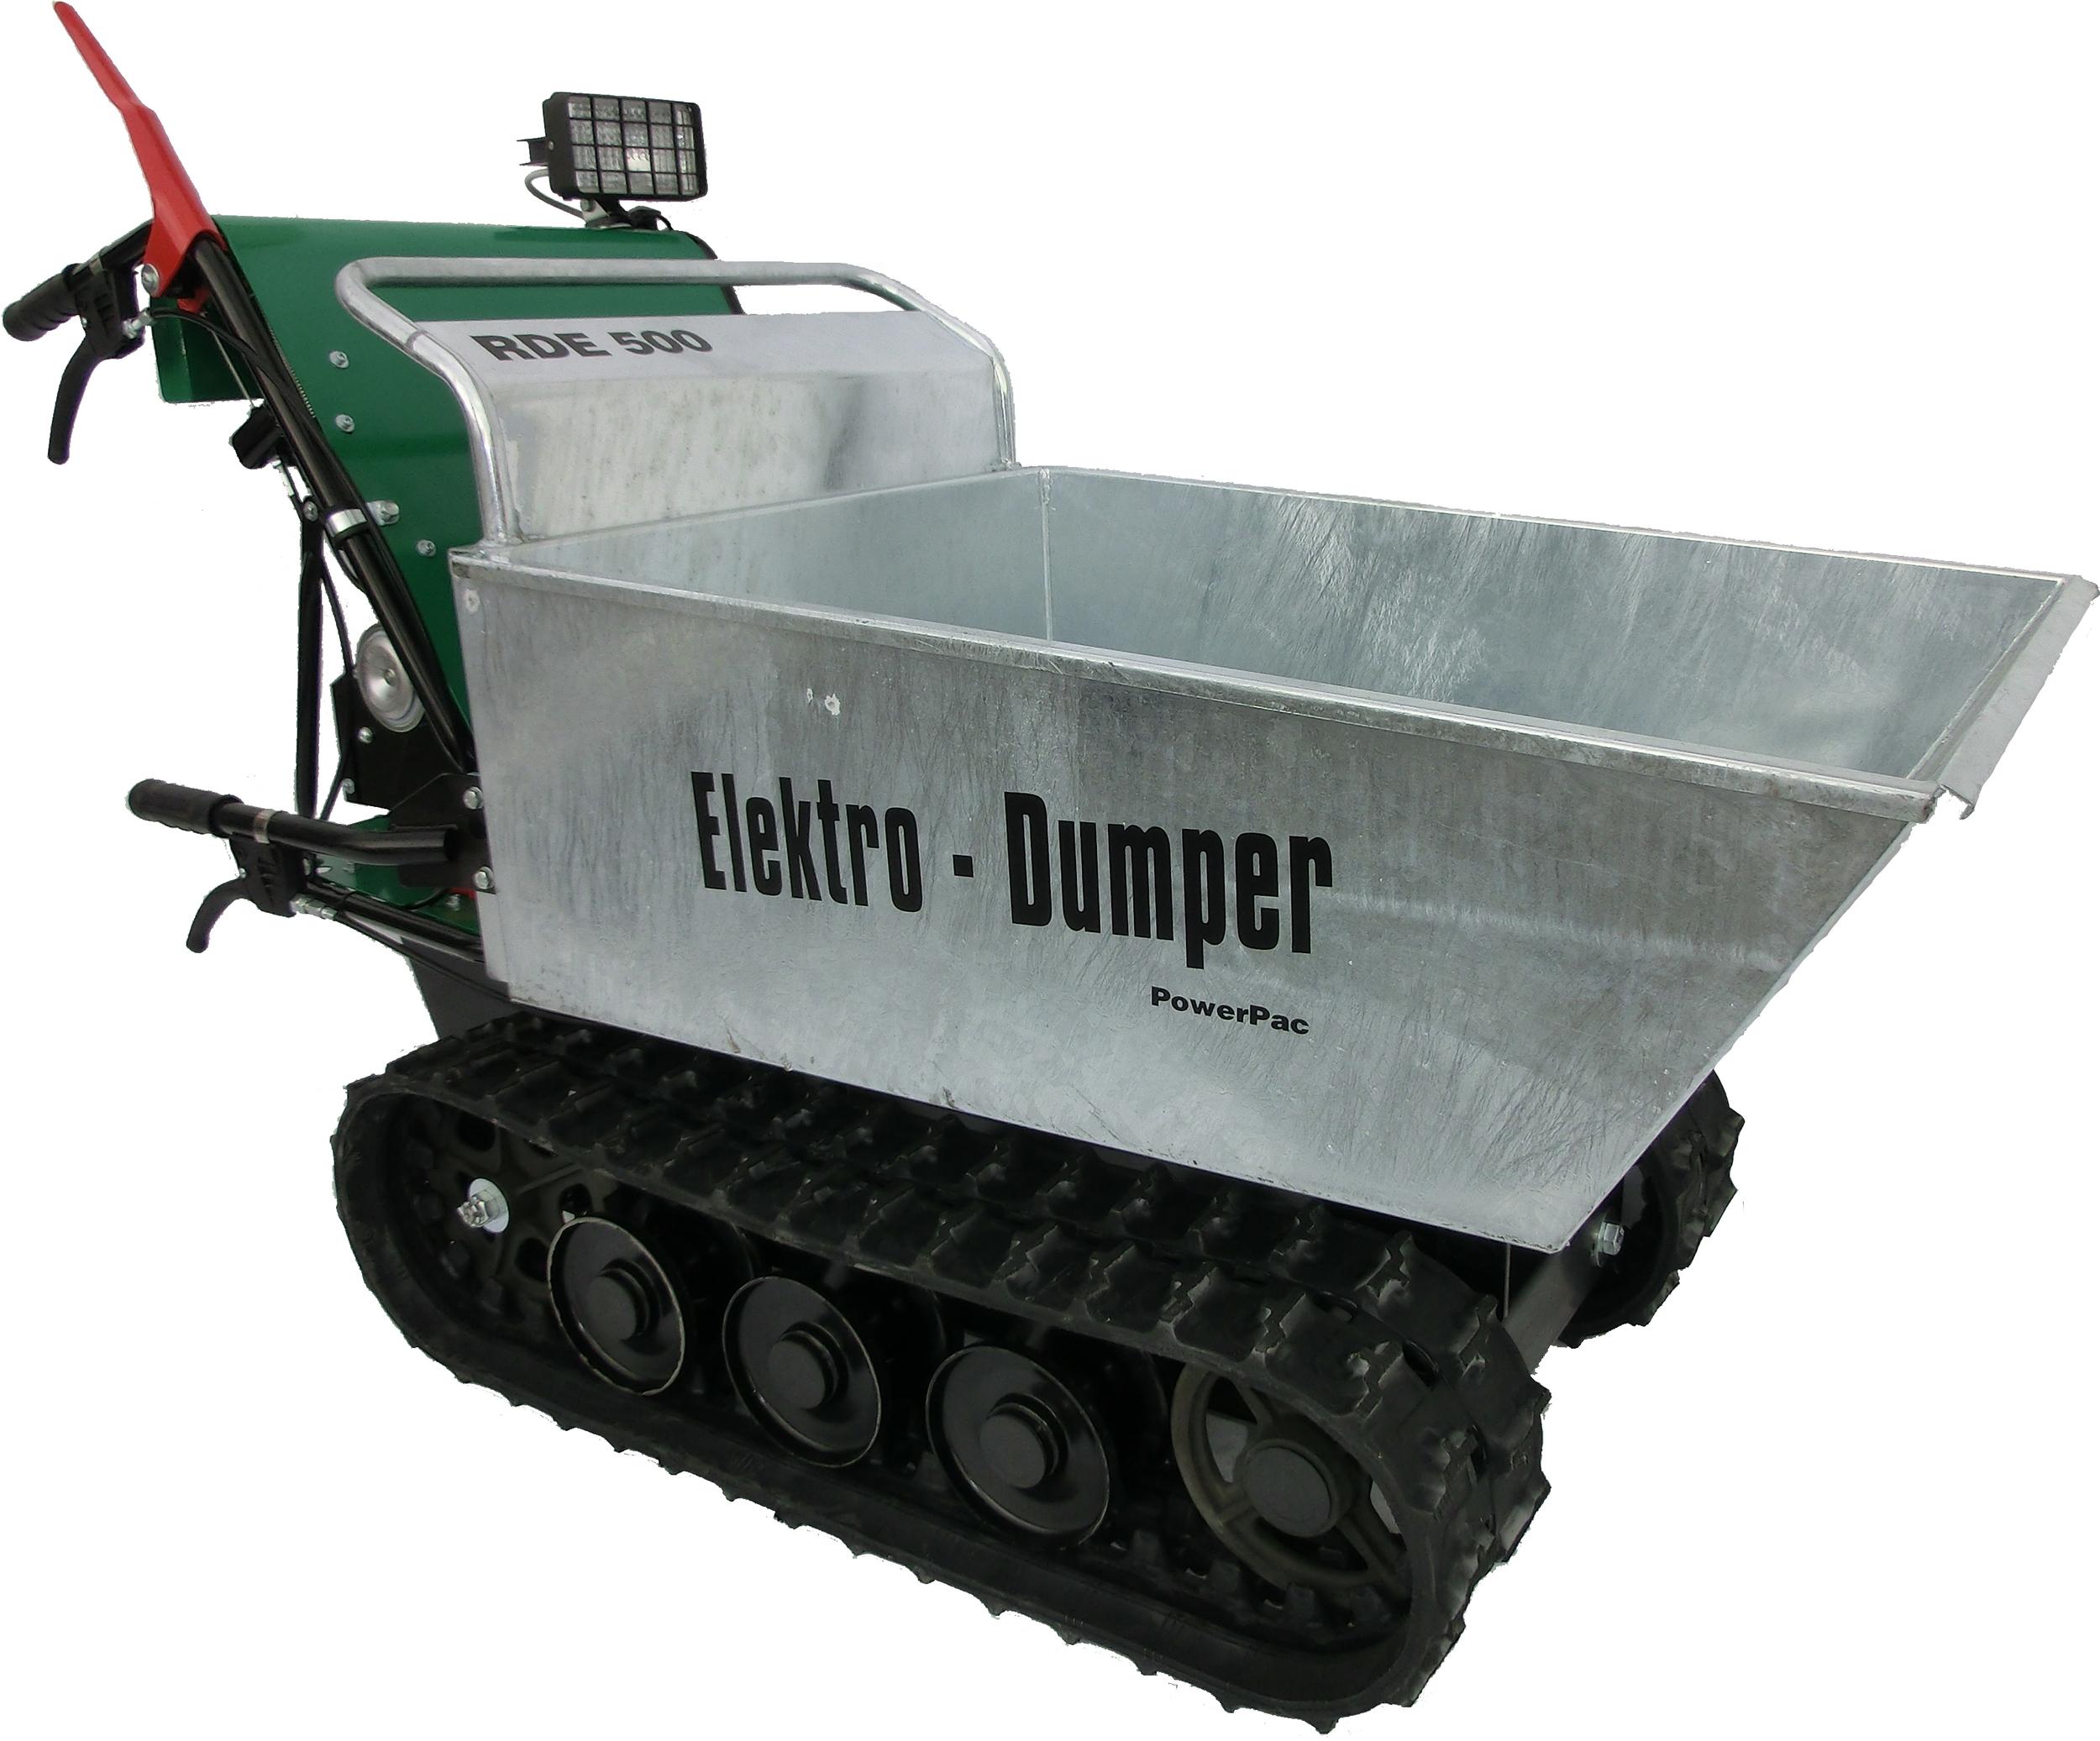 RDE500_Electric_Dumper_Cargo_PMI_Equipment